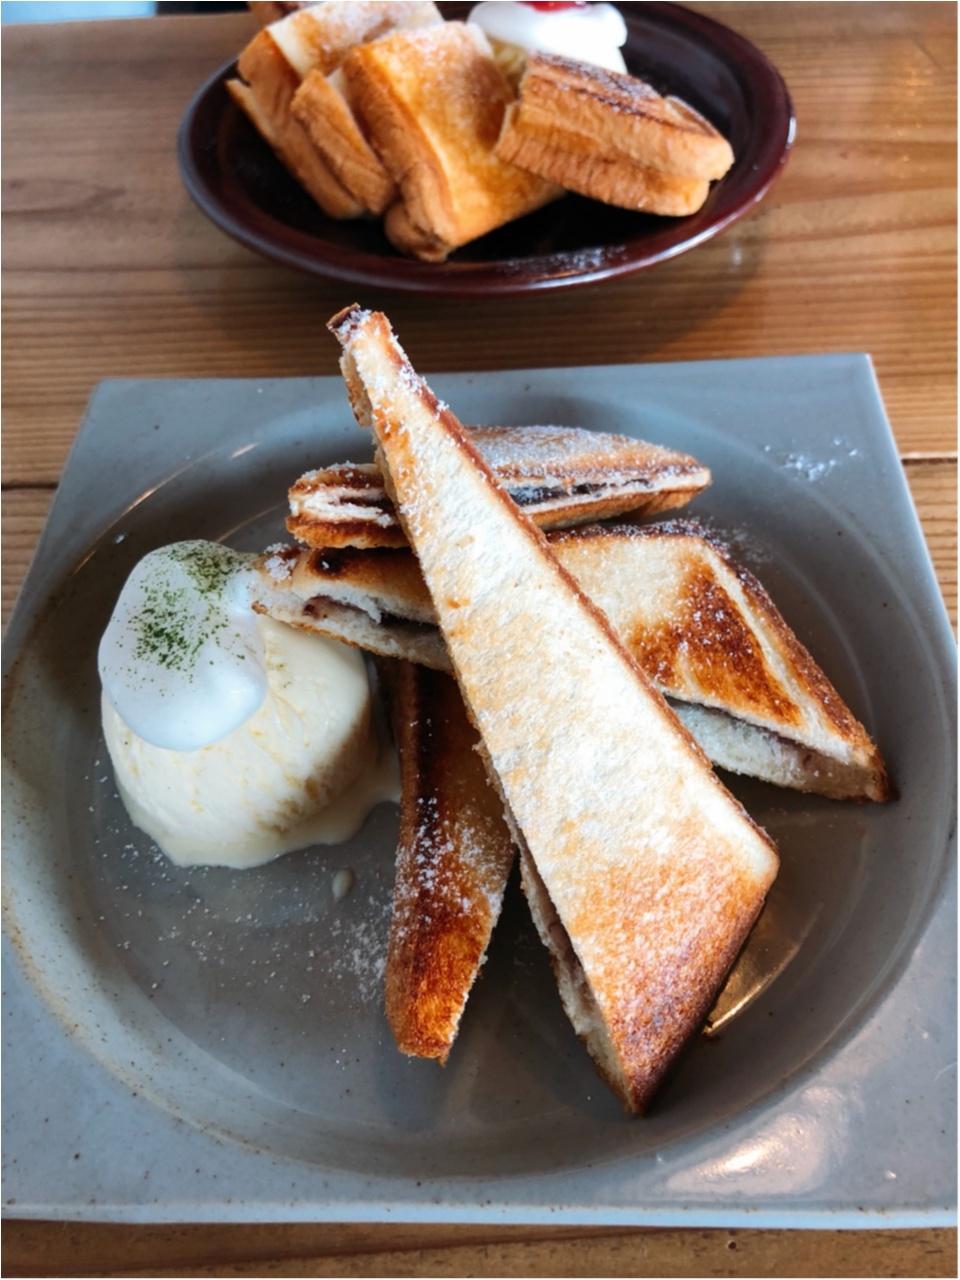 【あんバター好きのカフェ巡り】十和田の街中にある古民家カフェ『カフェミルマウンテン』で癒しのひとときを_3